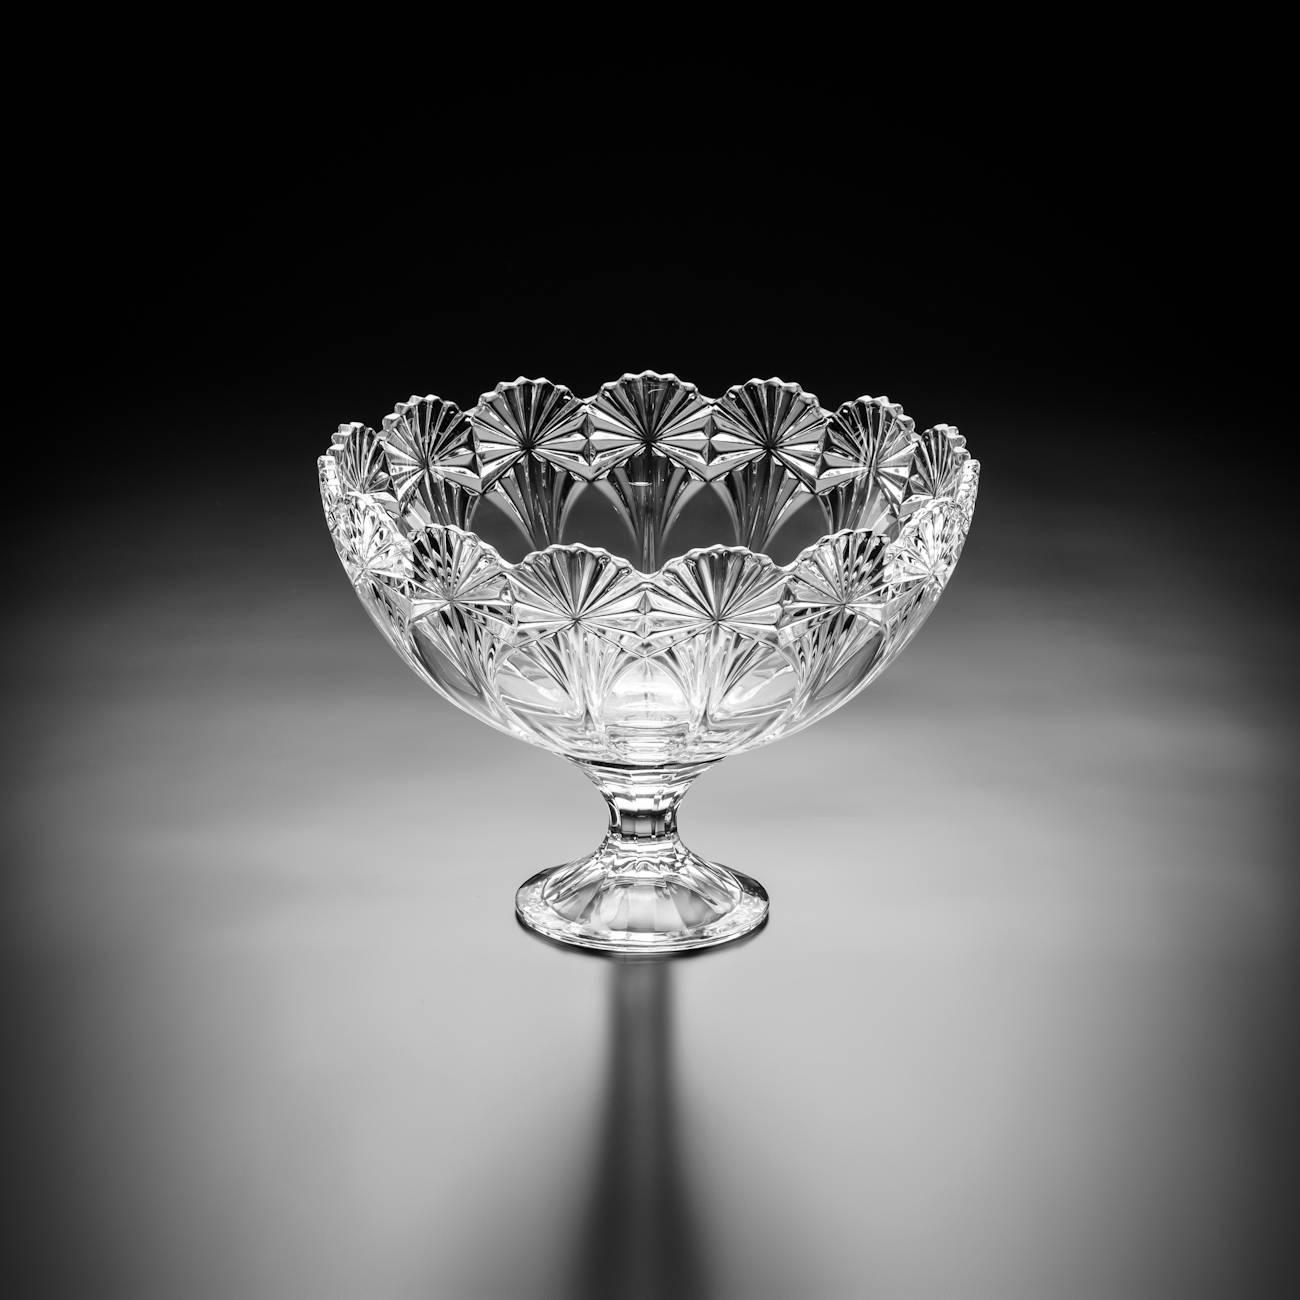 Centro de Mesa Caravana-Giga em Cristal - Bohemia Crystalite - 30,5 cm